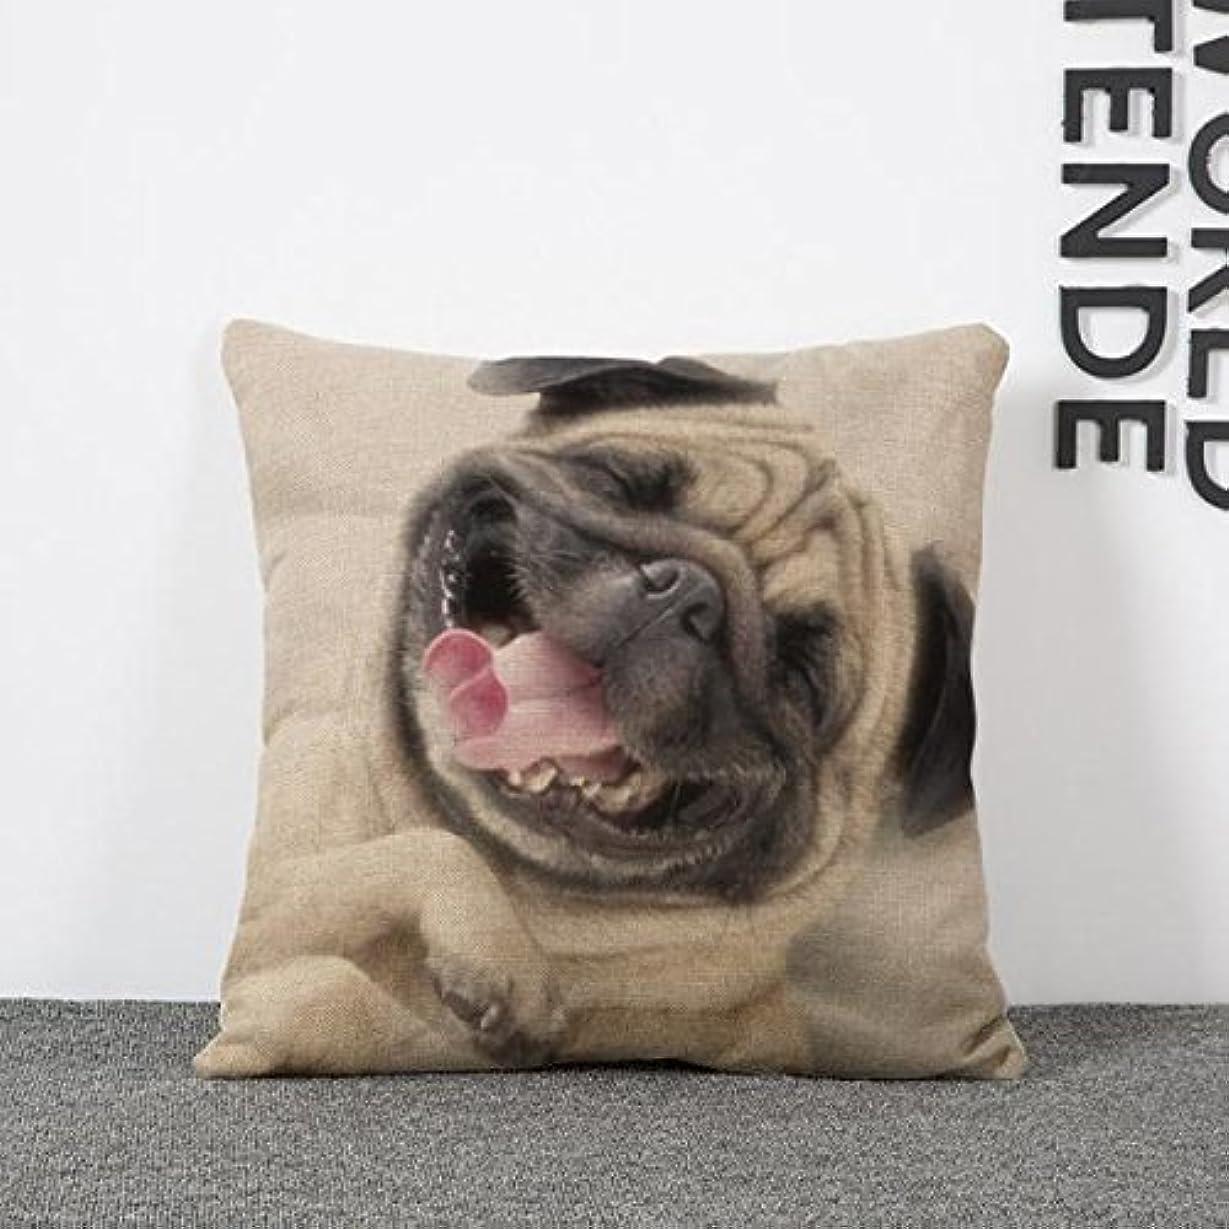 敬意を表する転送動かないクッションカバー 犬 枕 装飾 45 * 45cm 漫画 ソファ ベッド コットン